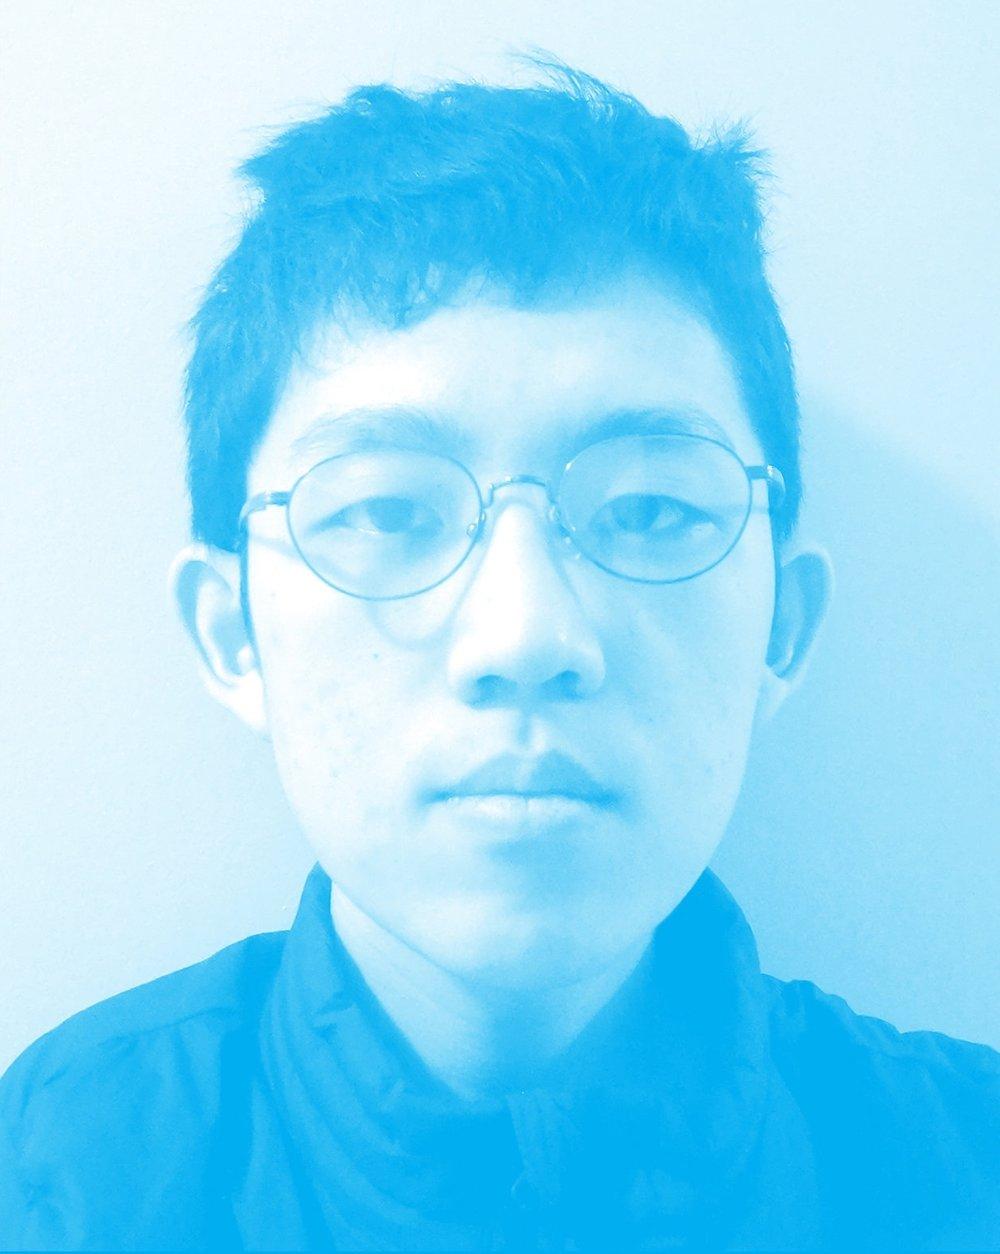 Edward - Blue.jpg